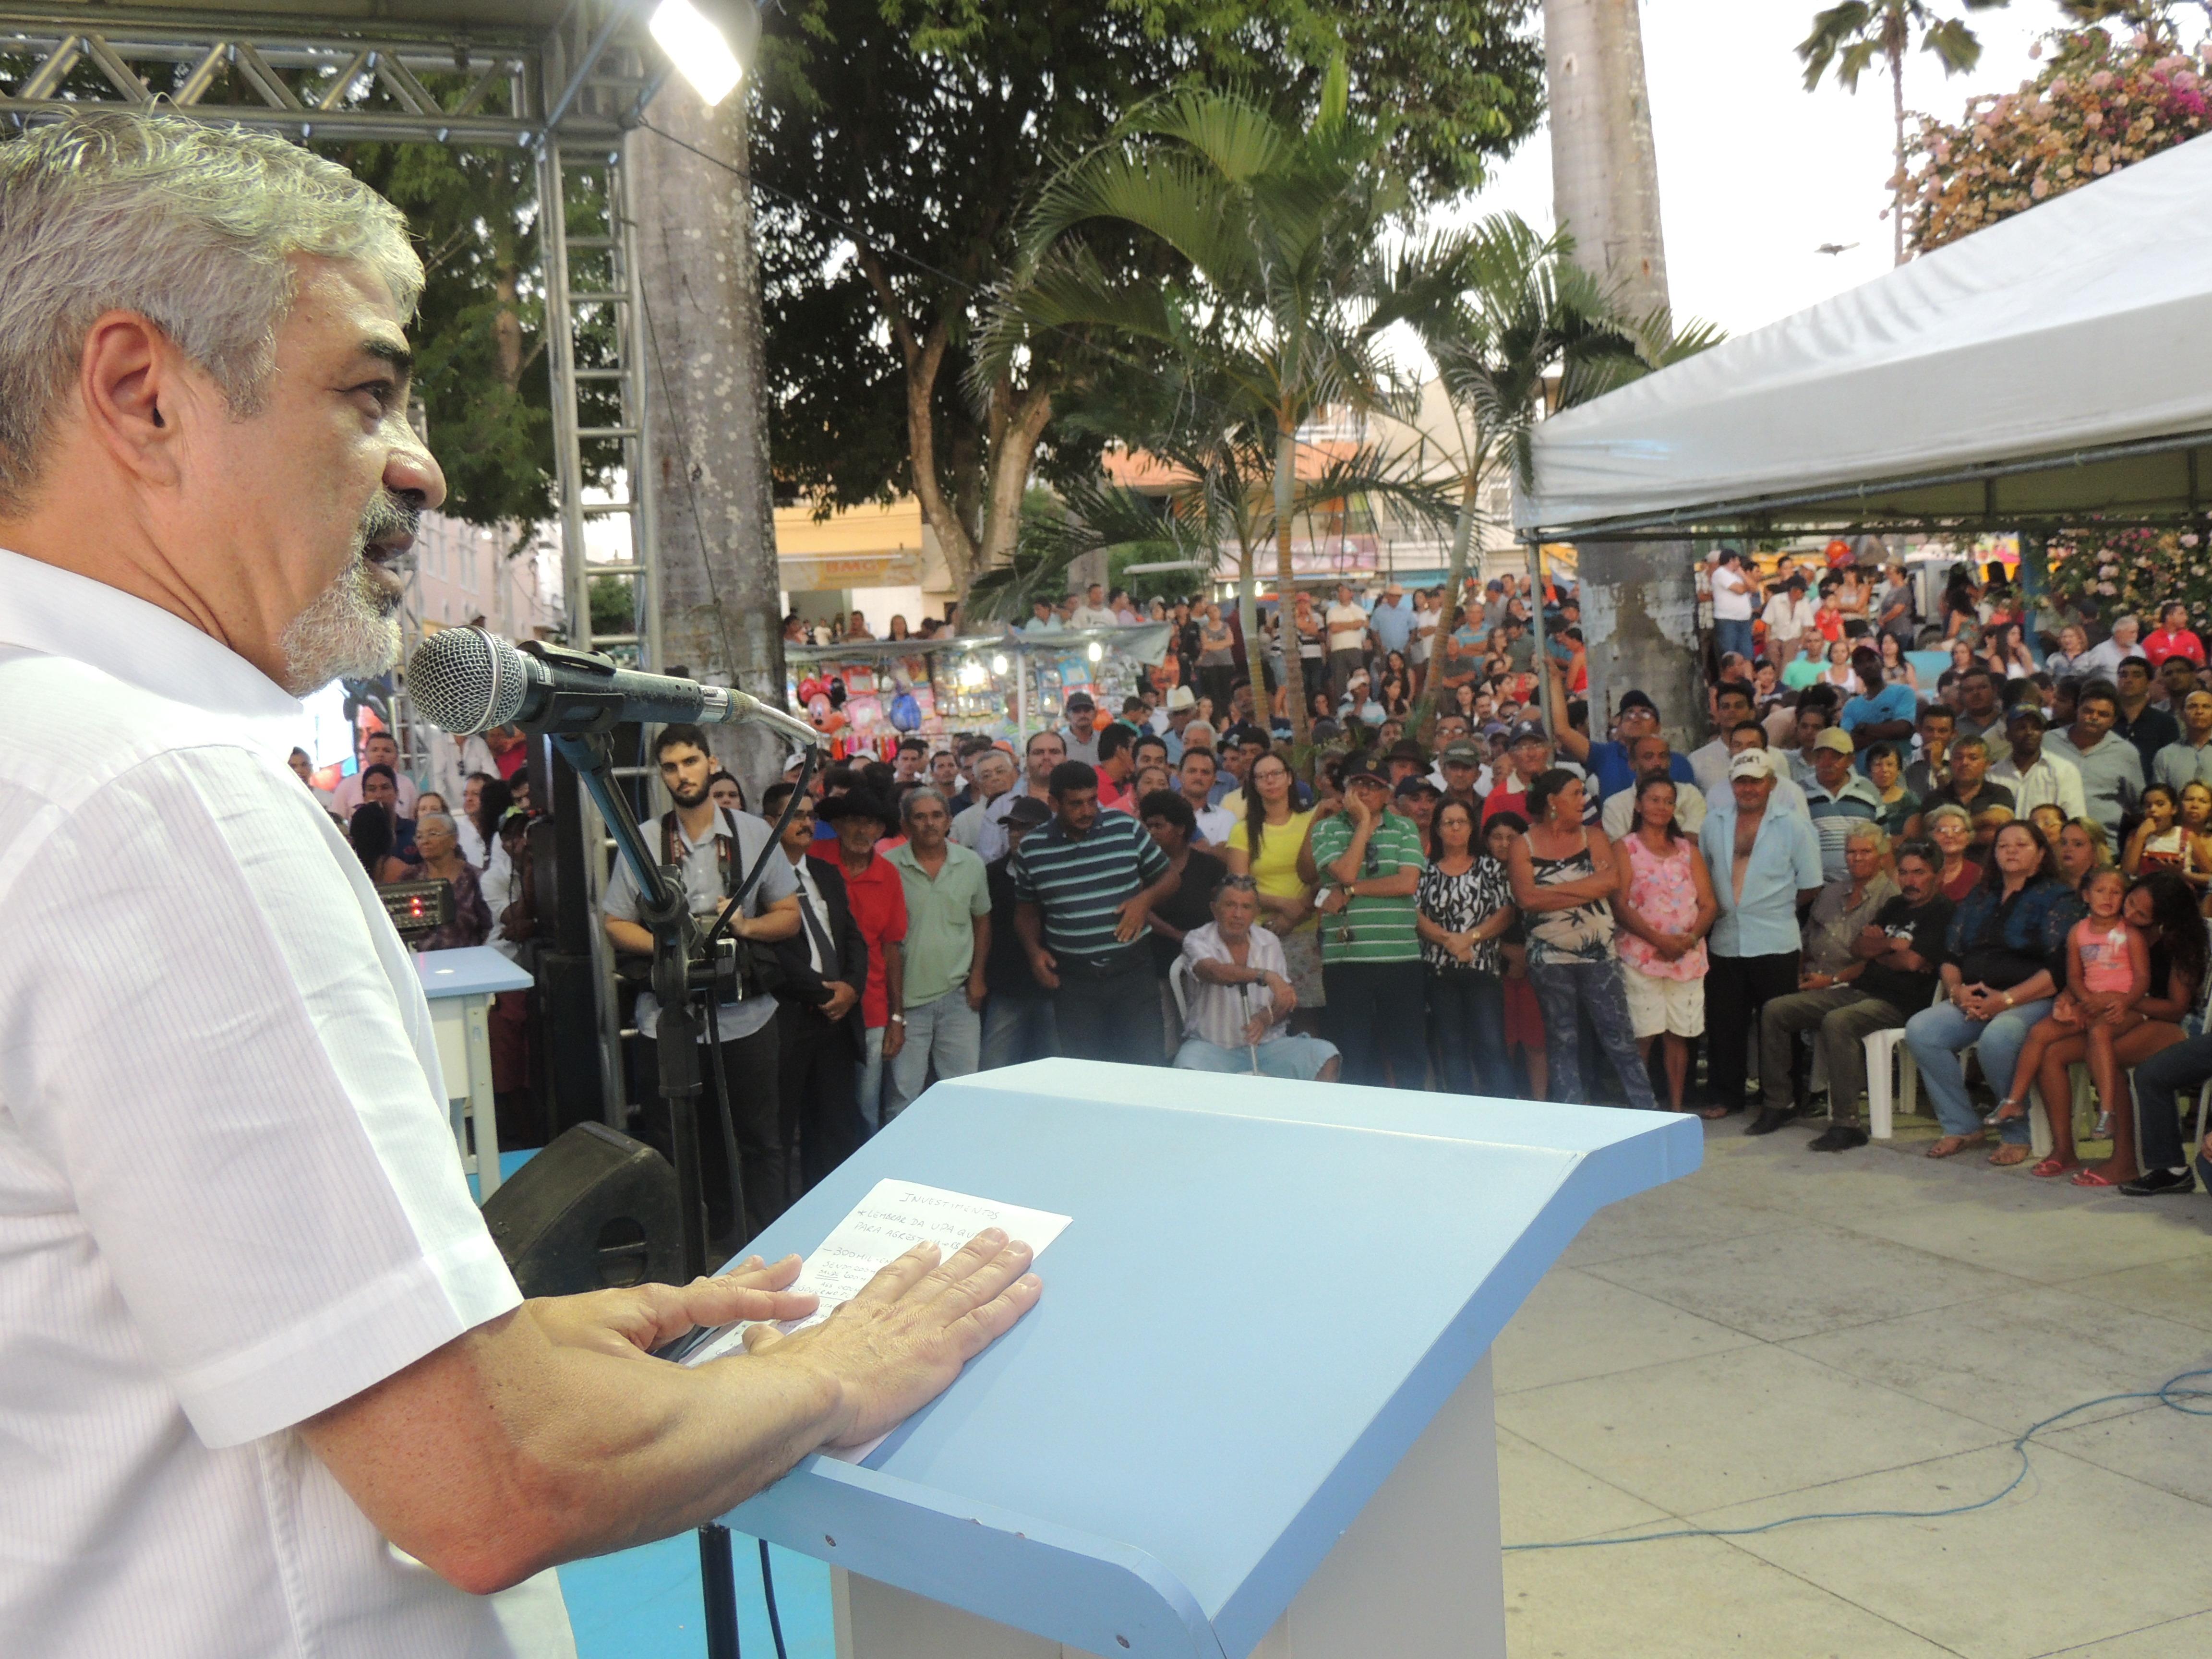 Humberto confirma que destinará R$ 300 mil, de emenda parlamentar, para Agrestina para a comrpa de equipamentos e custeio na área da Saúde. Foto: Assessoria de Comunicação